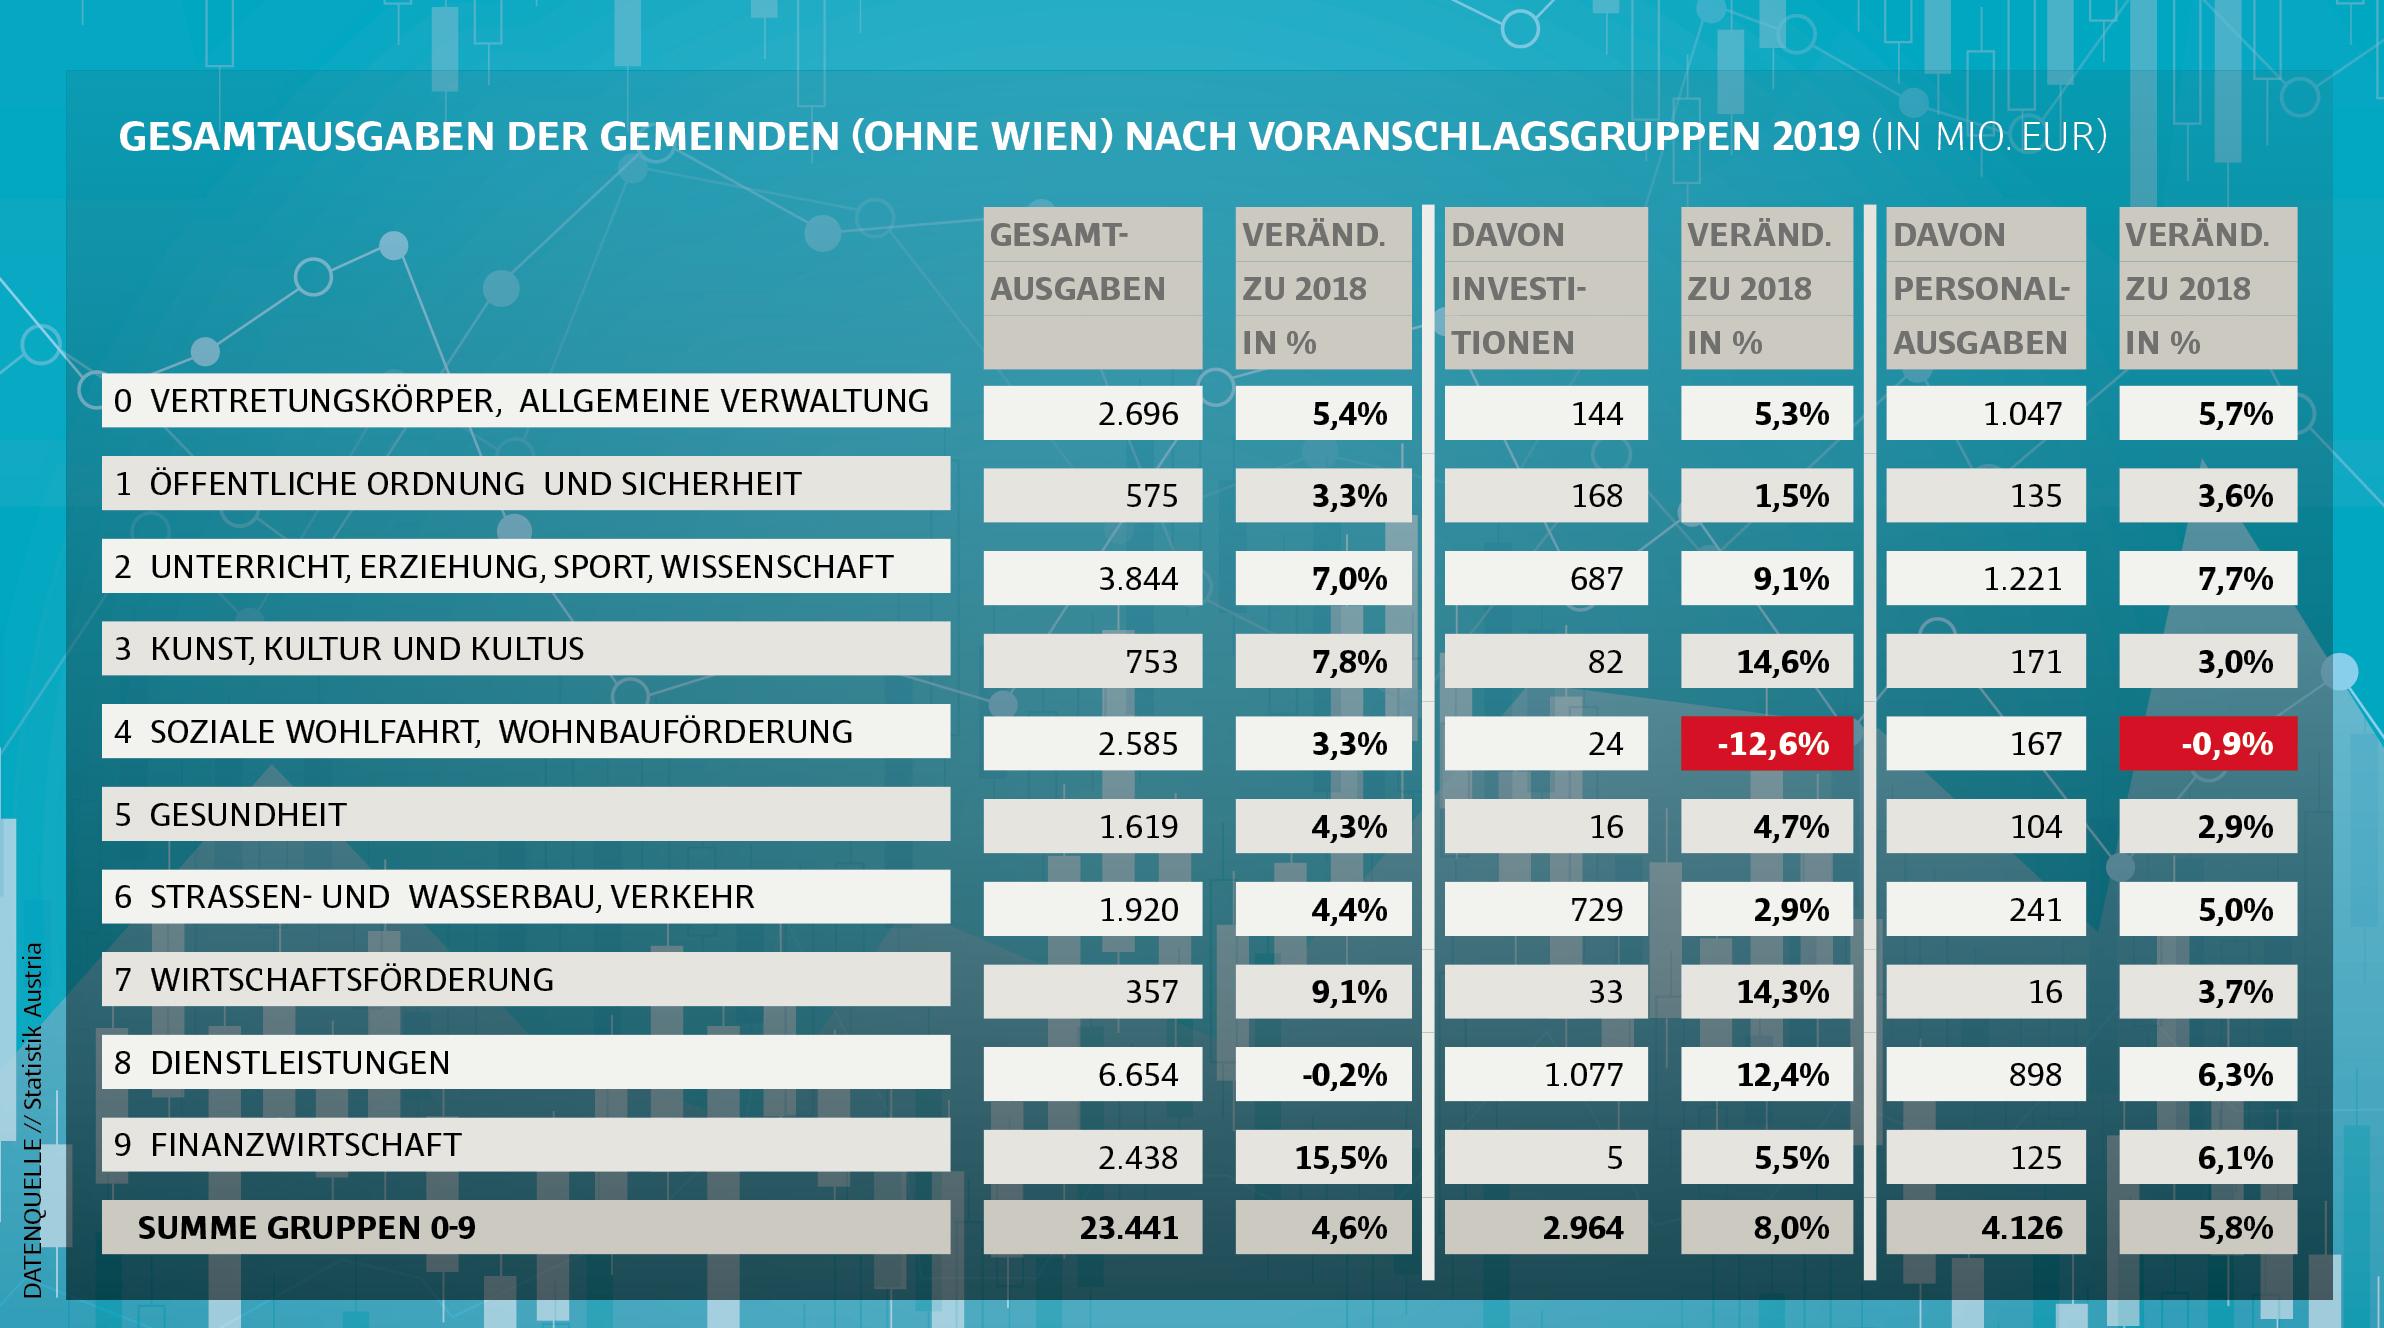 Ausgaben der österreichischen Gemeinden